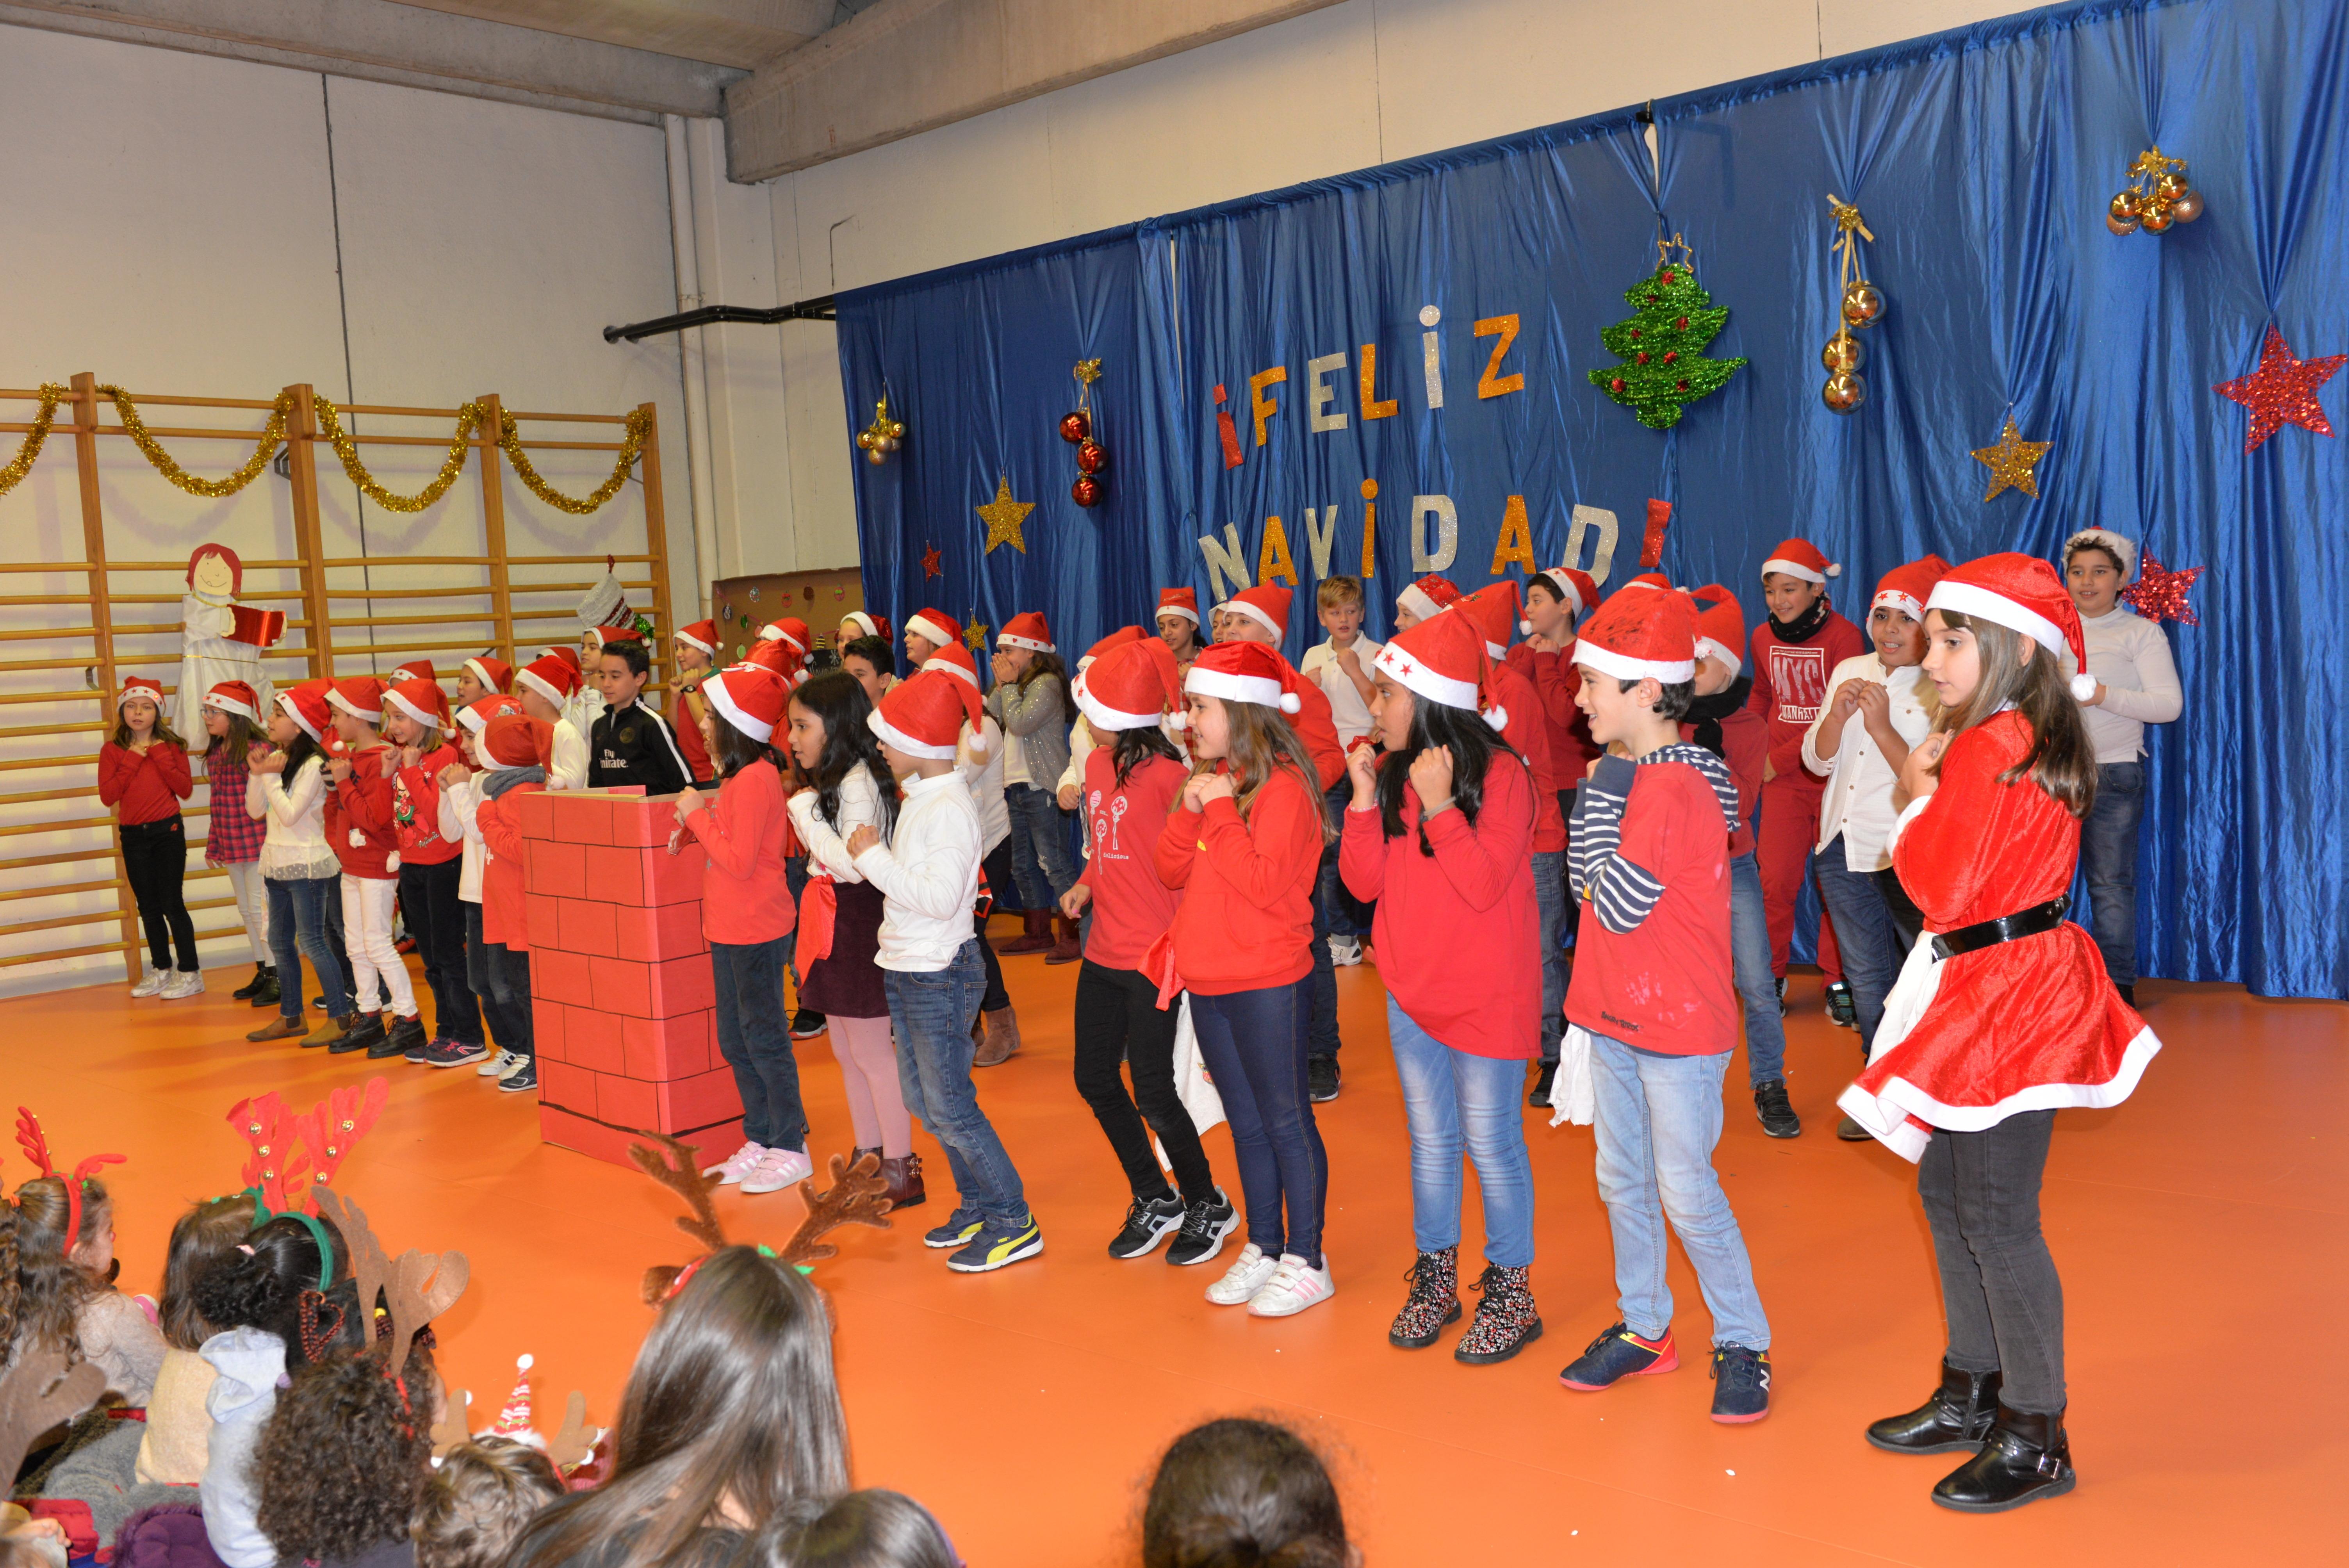 Festival de Navidad 3 27